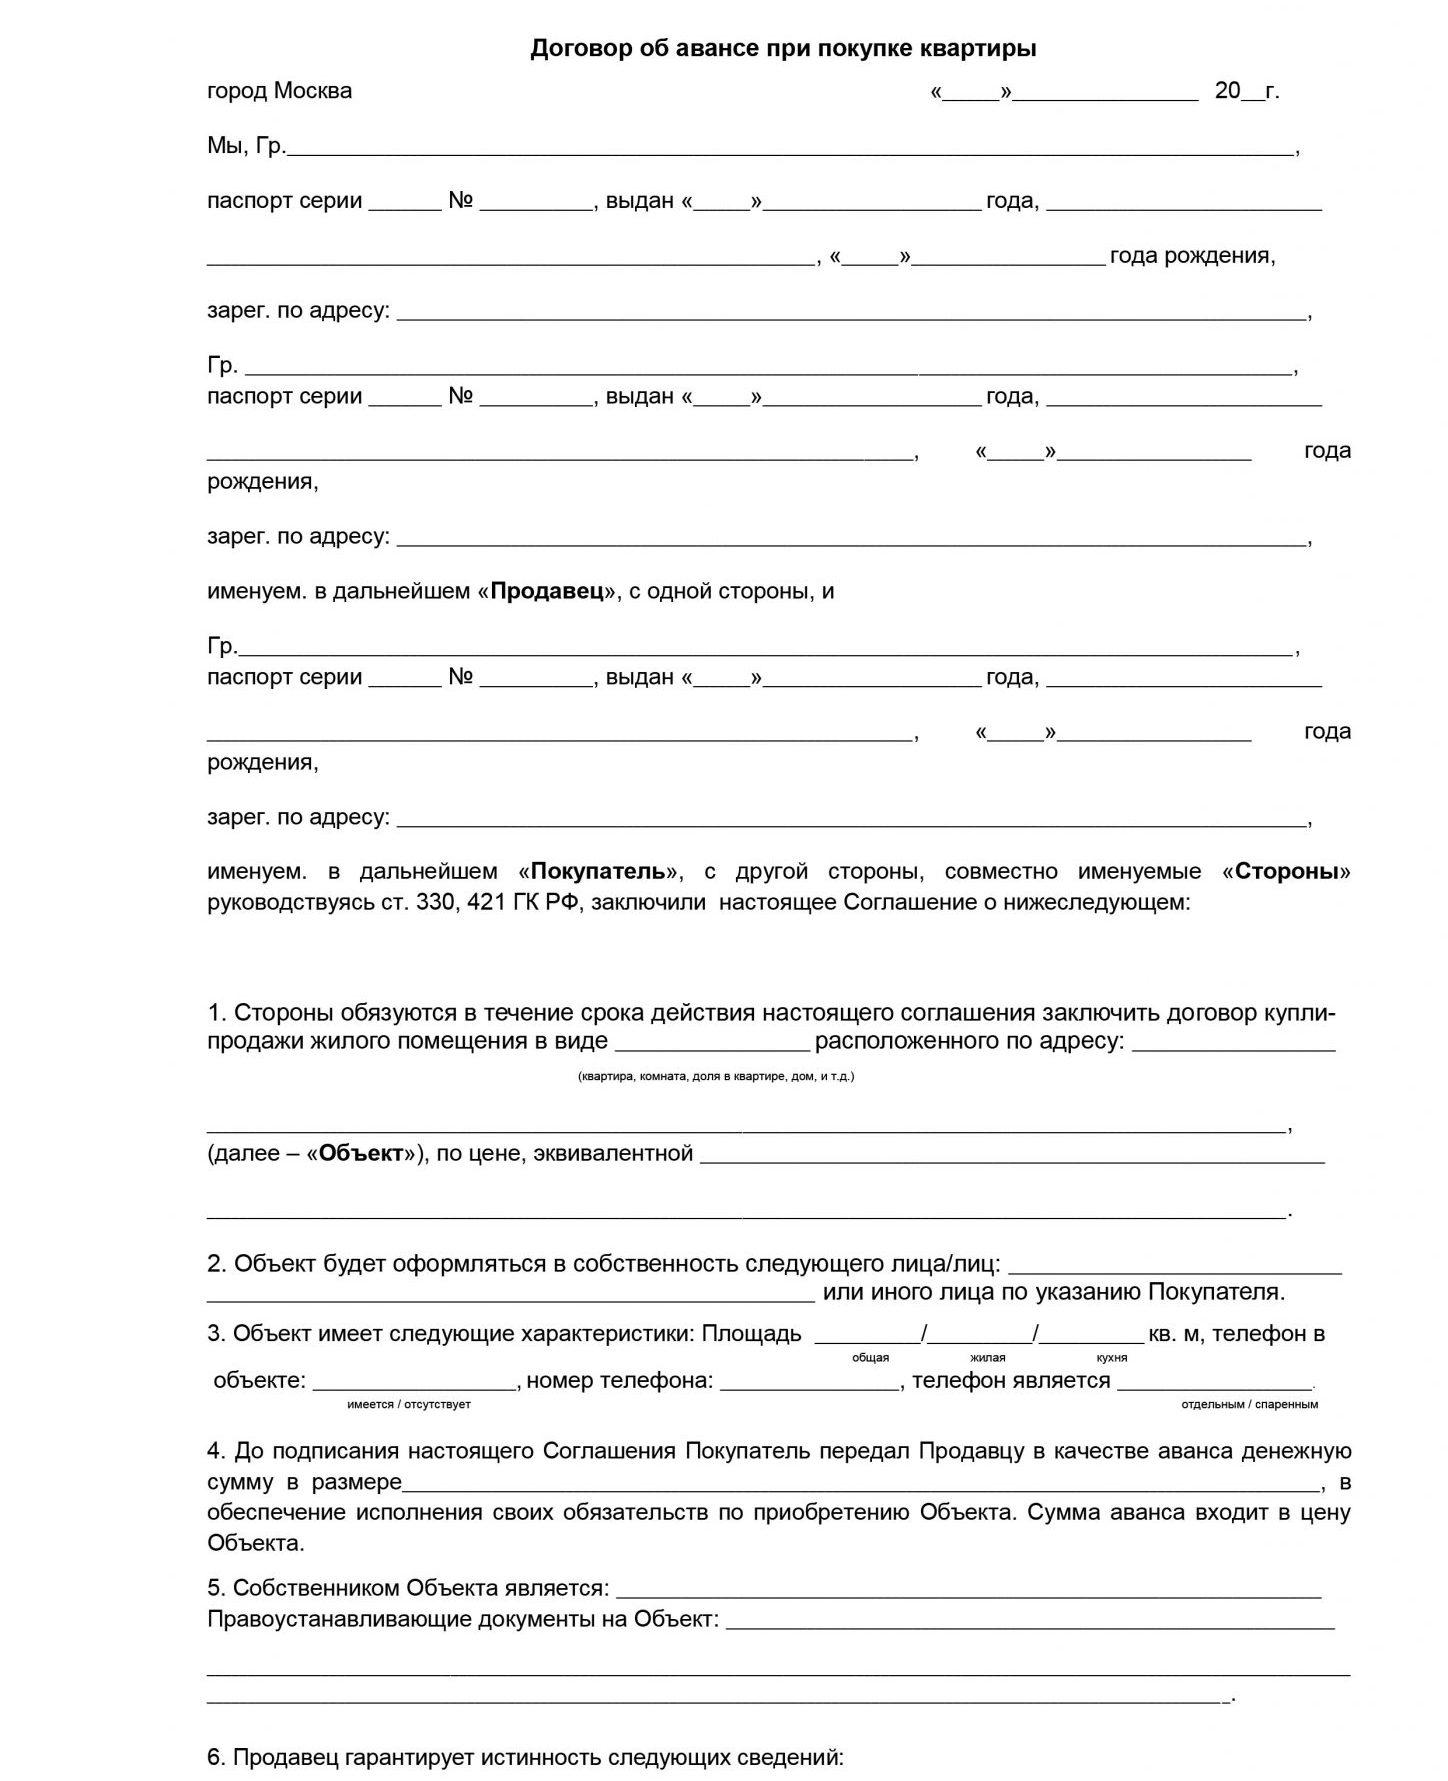 Соглашение об авансе при покупке